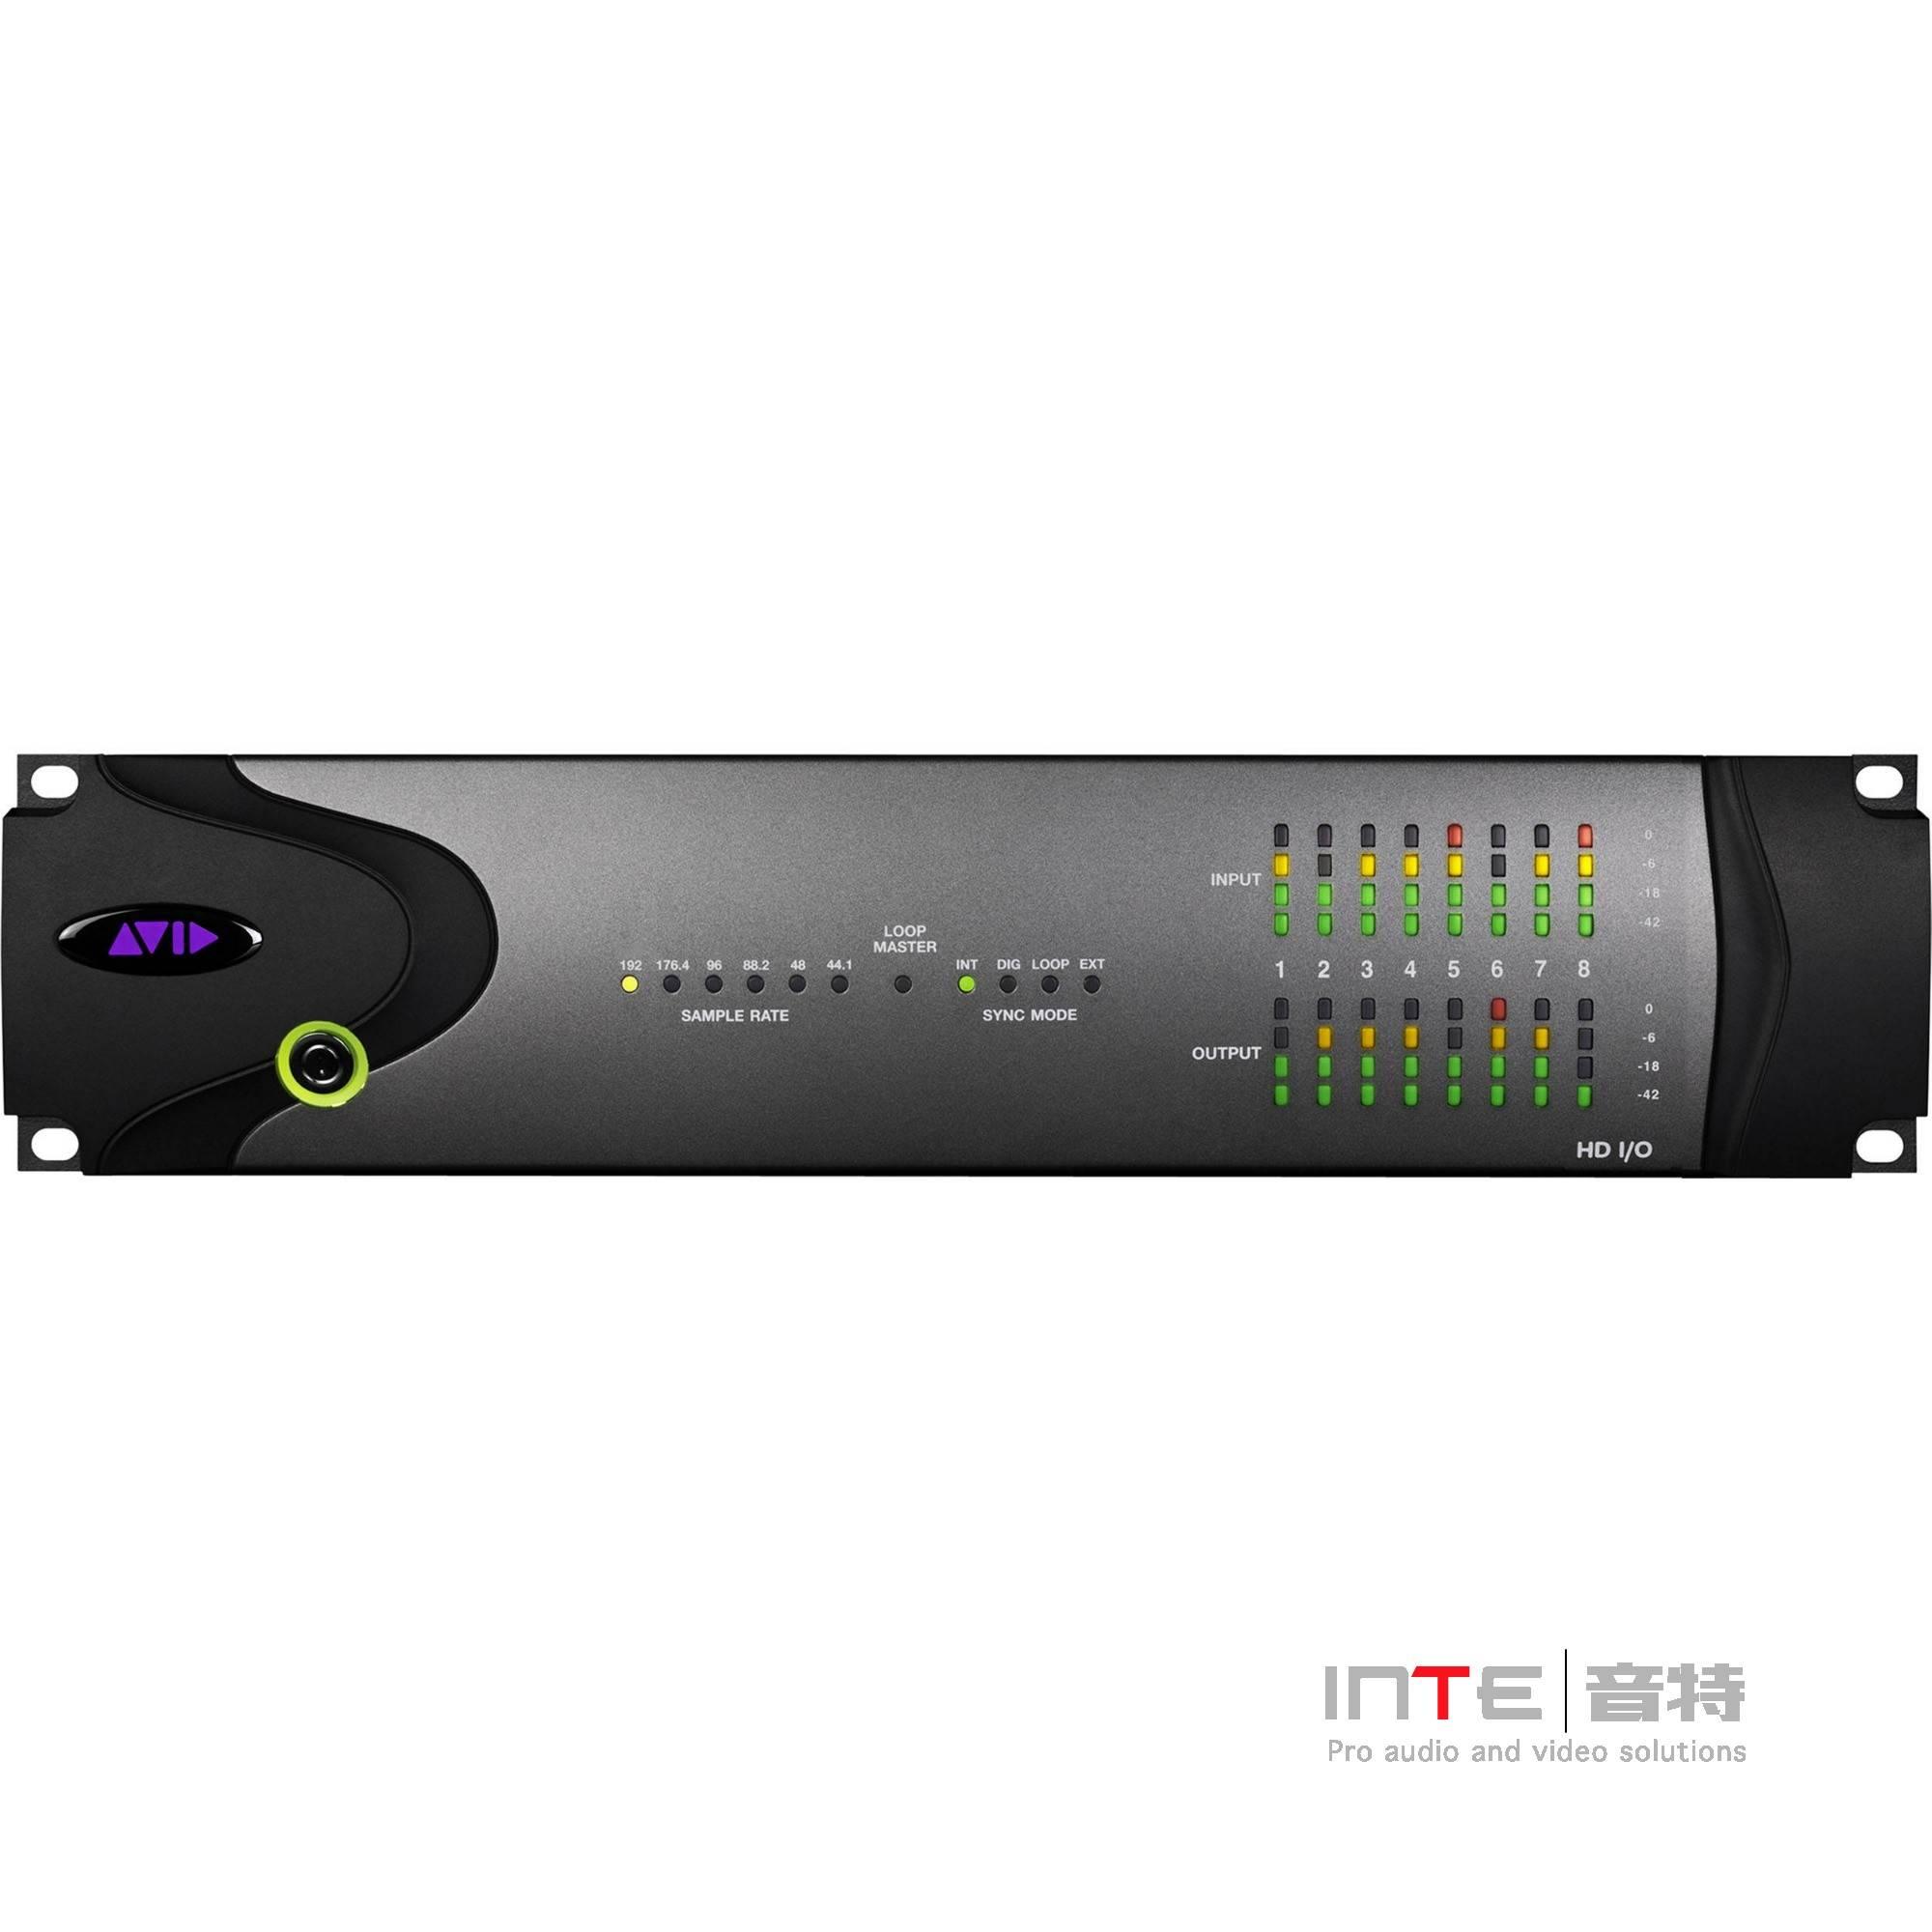 AVID HD I/O 8x8x8